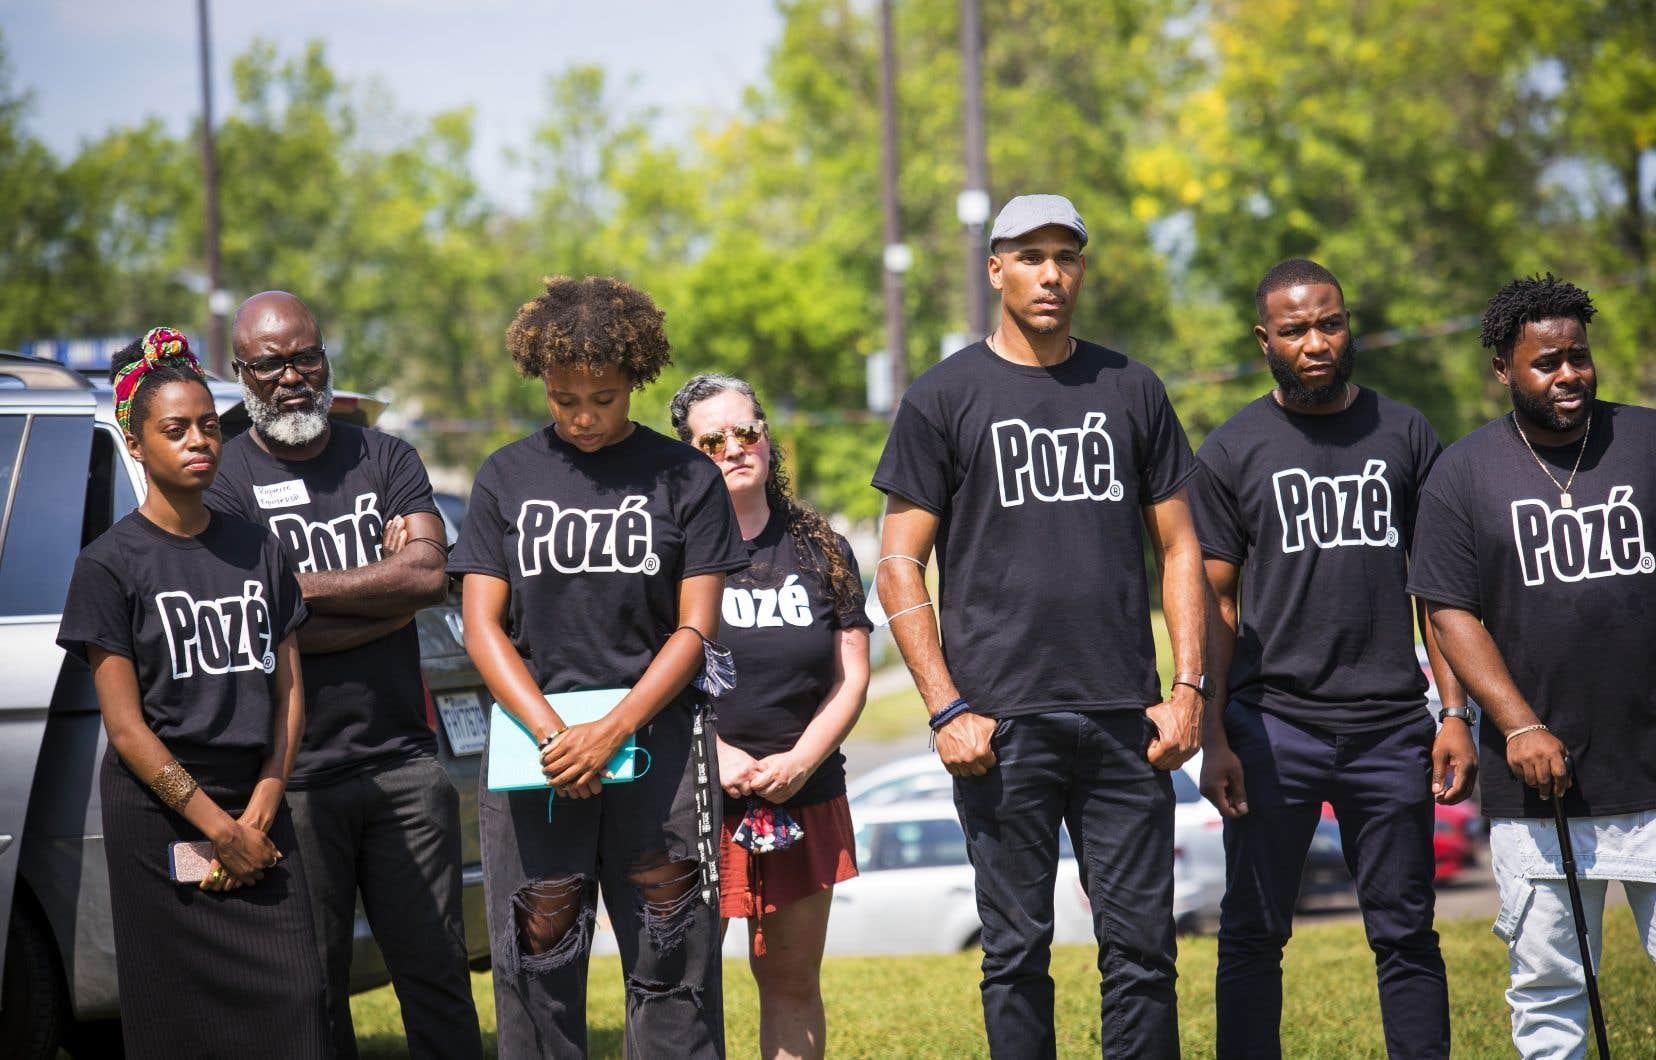 La coalition a tenu un premier rassemblement public à Rivière-des-Prairies mercredi, quartier où trois hommes ont été tués et deux autres blessés par balles au début du mois d'août.